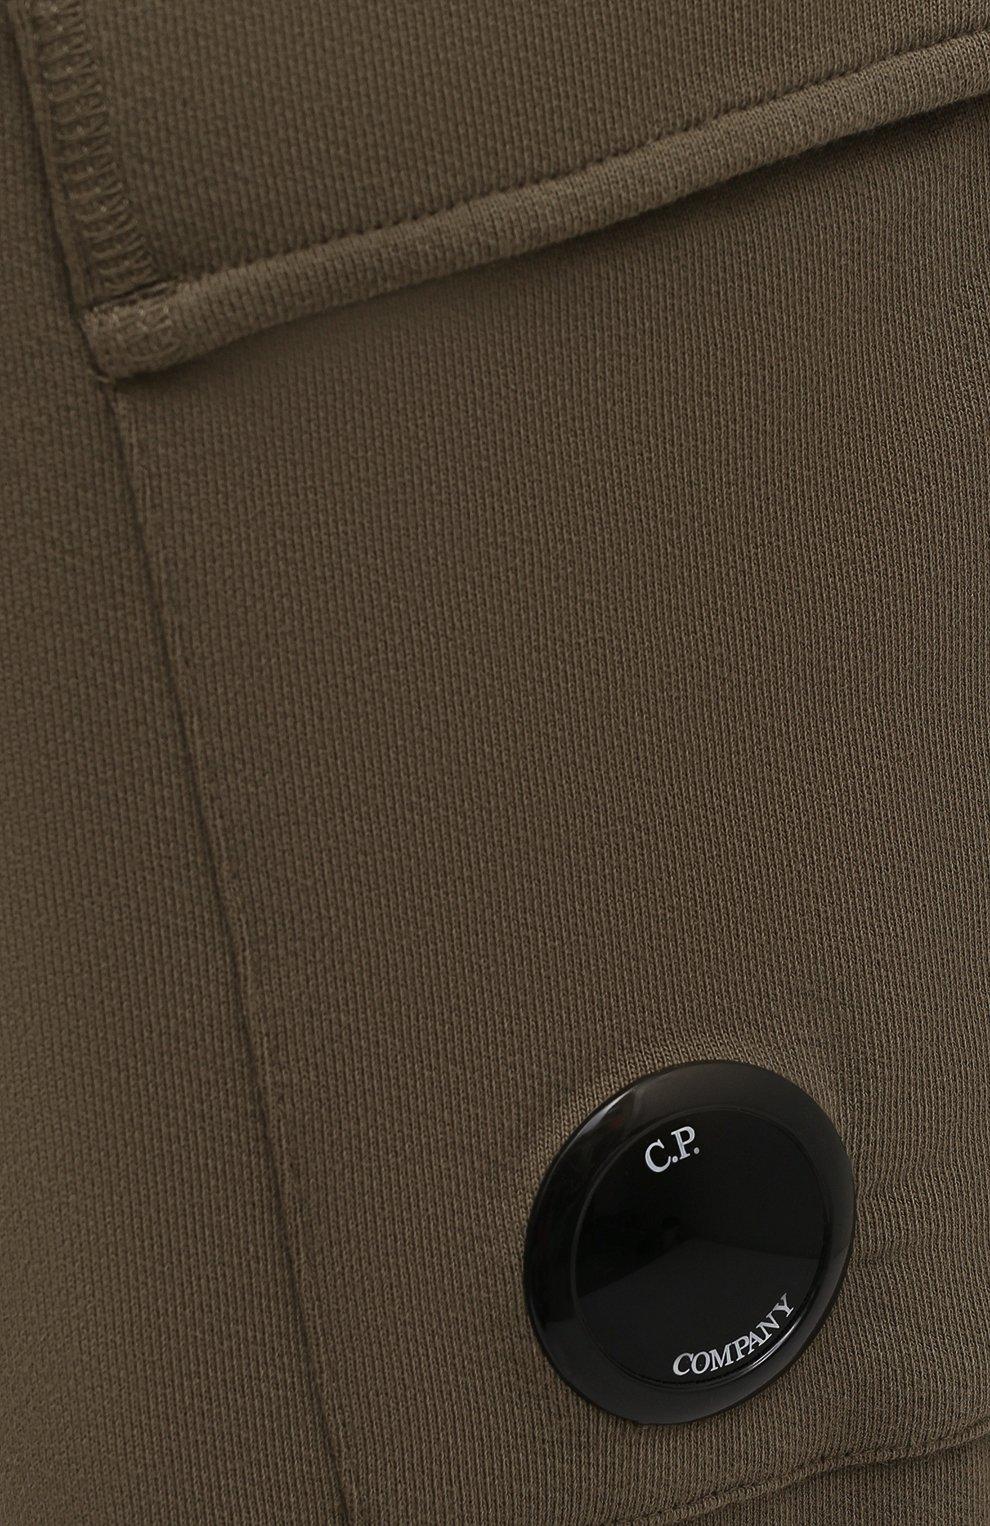 Мужские хлопковые джоггеры C.P. COMPANY хаки цвета, арт. 11CMSP057A-005086W | Фото 5 (Мужское Кросс-КТ: Брюки-трикотаж; Длина (брюки, джинсы): Стандартные; Материал внешний: Хлопок; Стили: Спорт-шик; Силуэт М (брюки): Джоггеры)